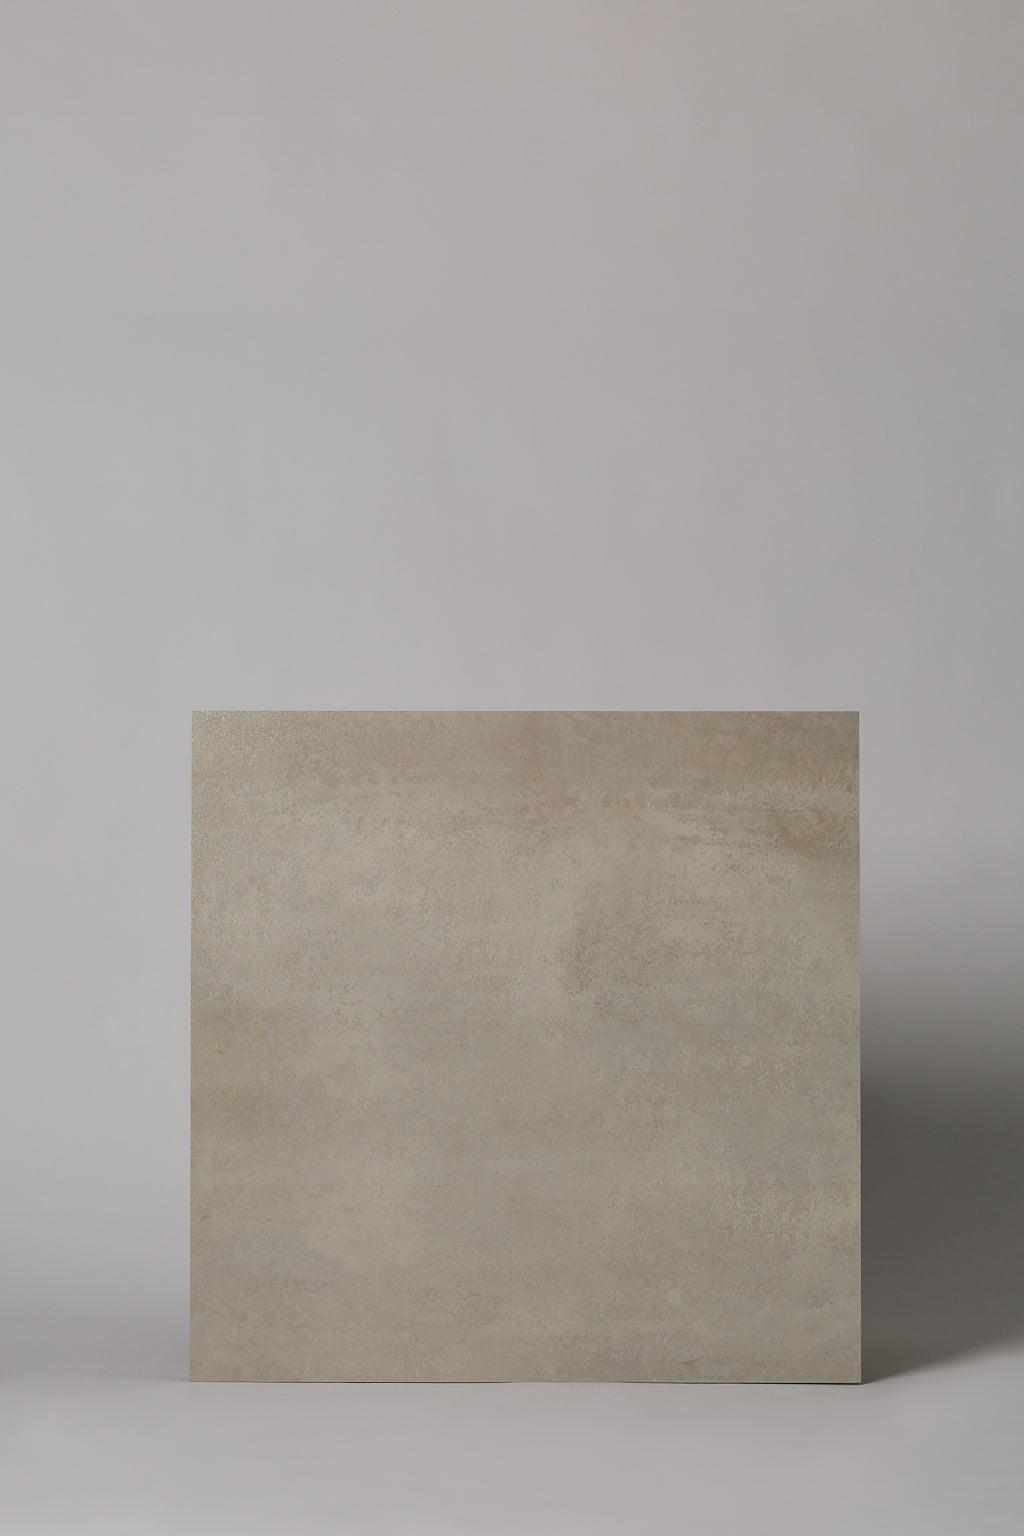 Płytka polska, gresowa, rektyfikowana, mrozoodporna, podłoga, ściana, połysk, rozmiar 60x60cm - NETTO Stardust cemento athens